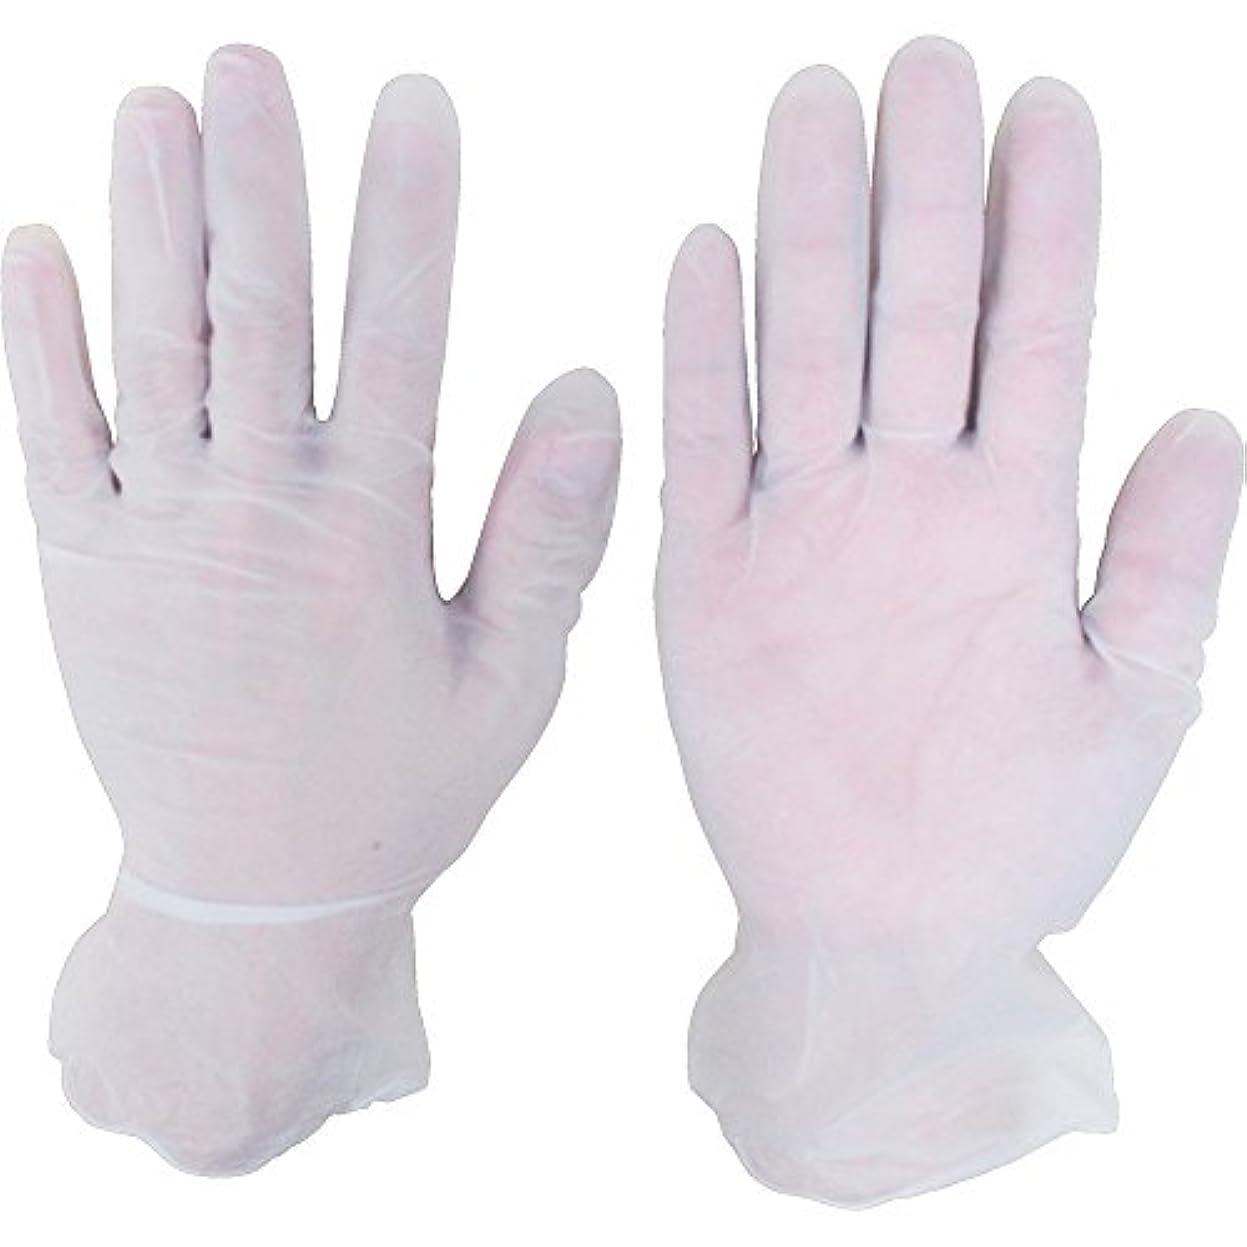 体骨折に対処するシンガー プラスチックグローブNo8100PF Lサイズ (100枚入) D201-L ビニール使い捨て手袋